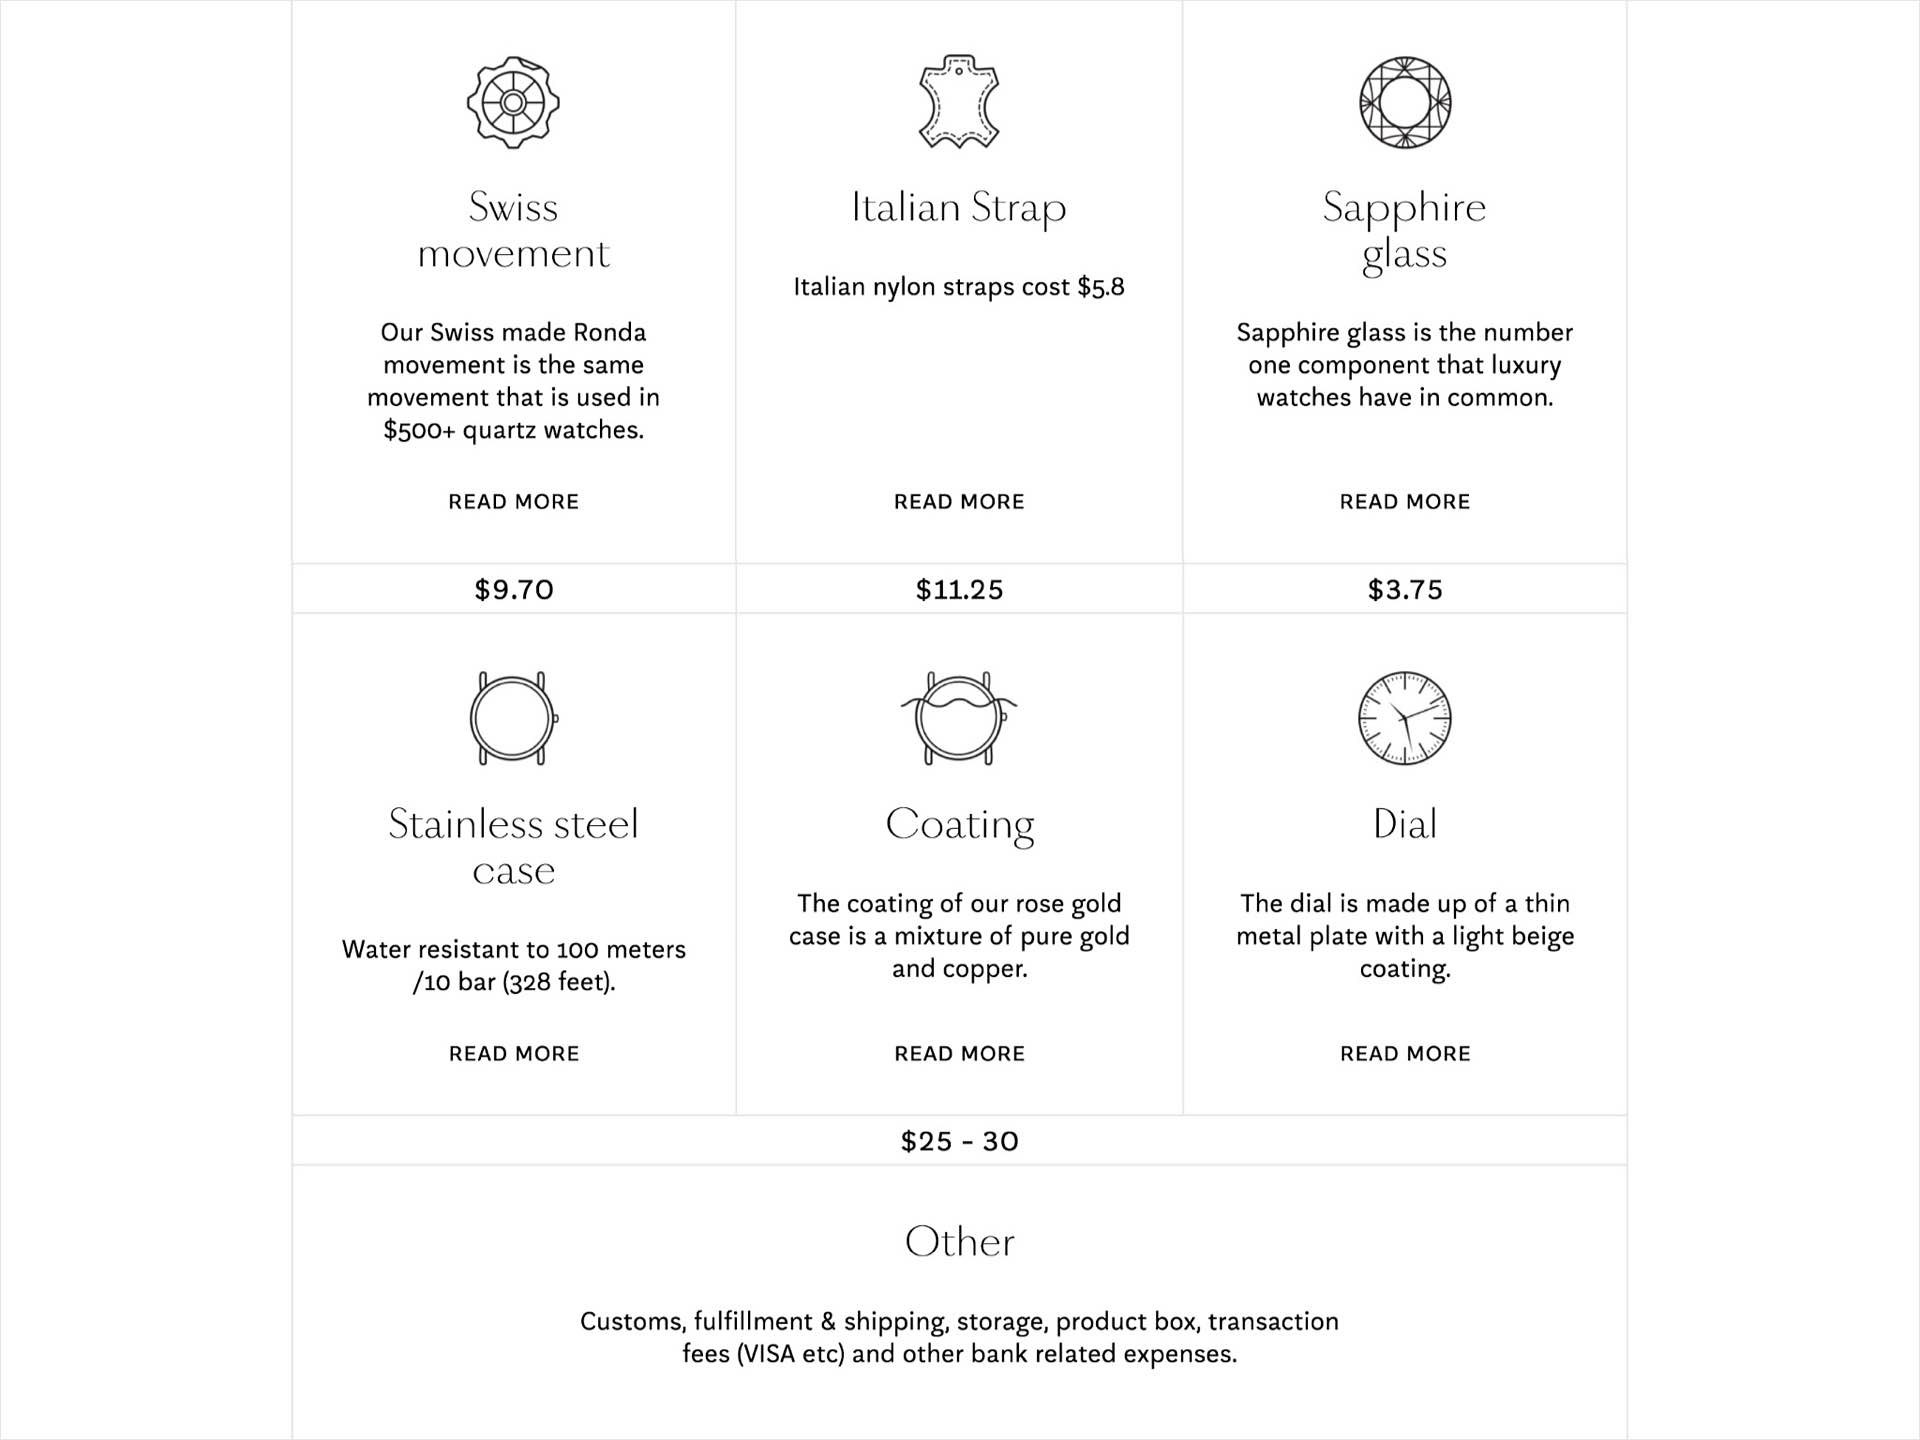 brathwait-classic-slim-wrist-watches-price-breakdown